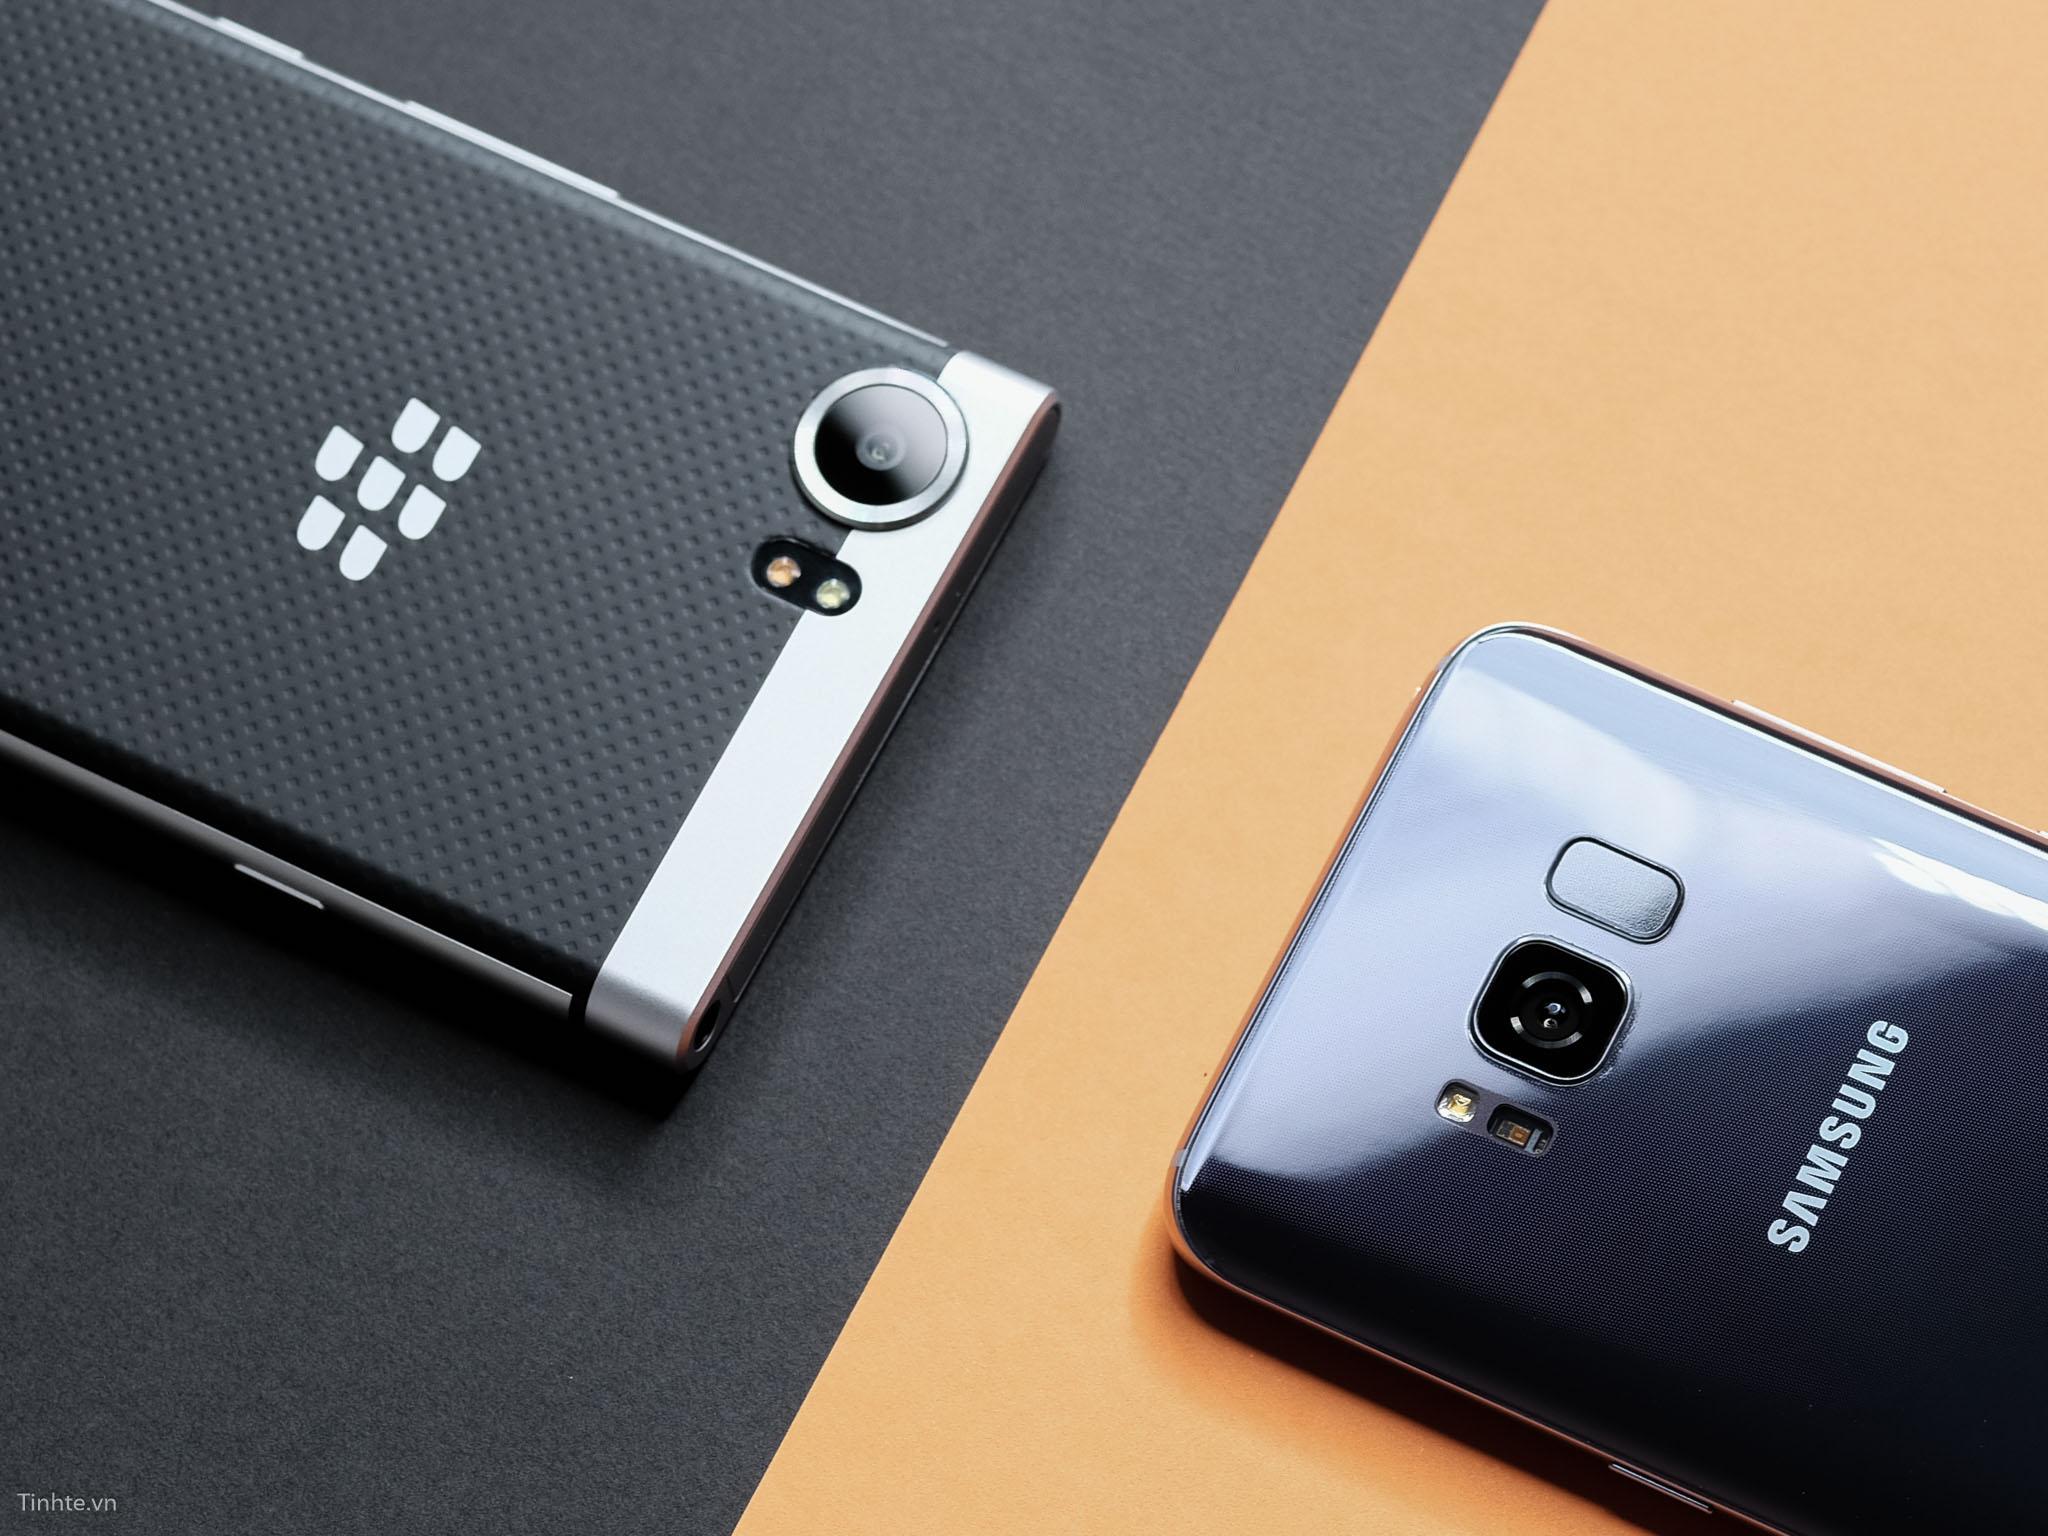 tinhte_anh_so_sanh_samsung_galaxy_s8_vs_blackberry_keyone_ (1).jpg